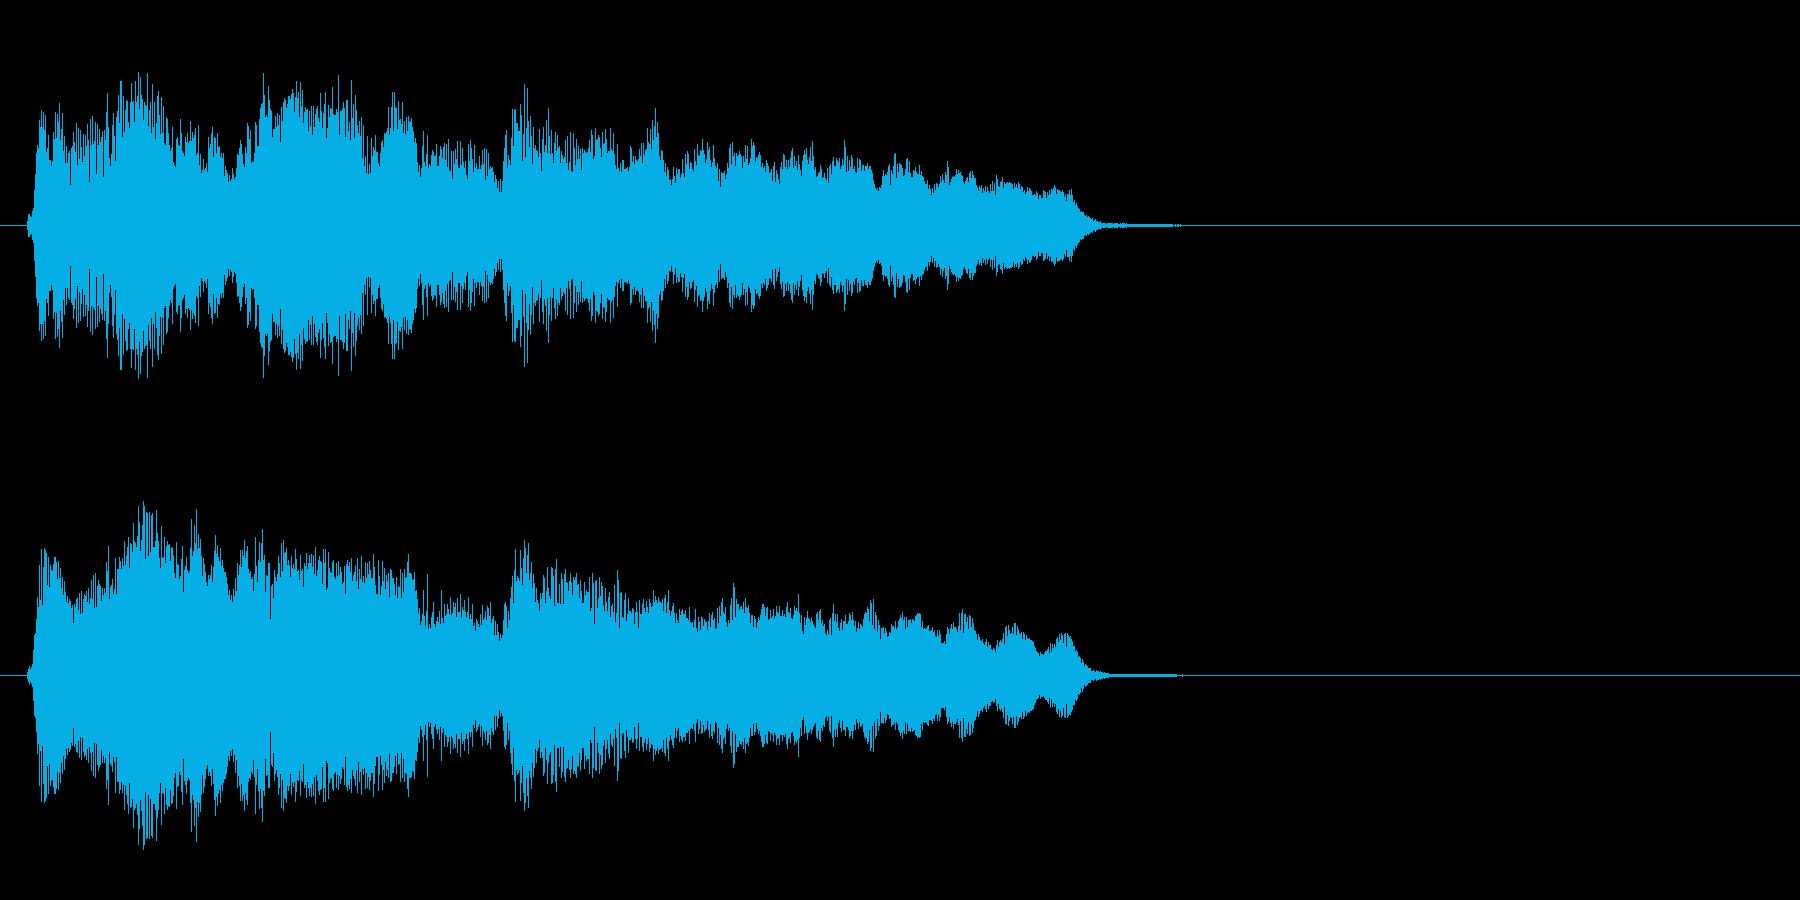 フルートとアコギのおやすみ風ジングルの再生済みの波形